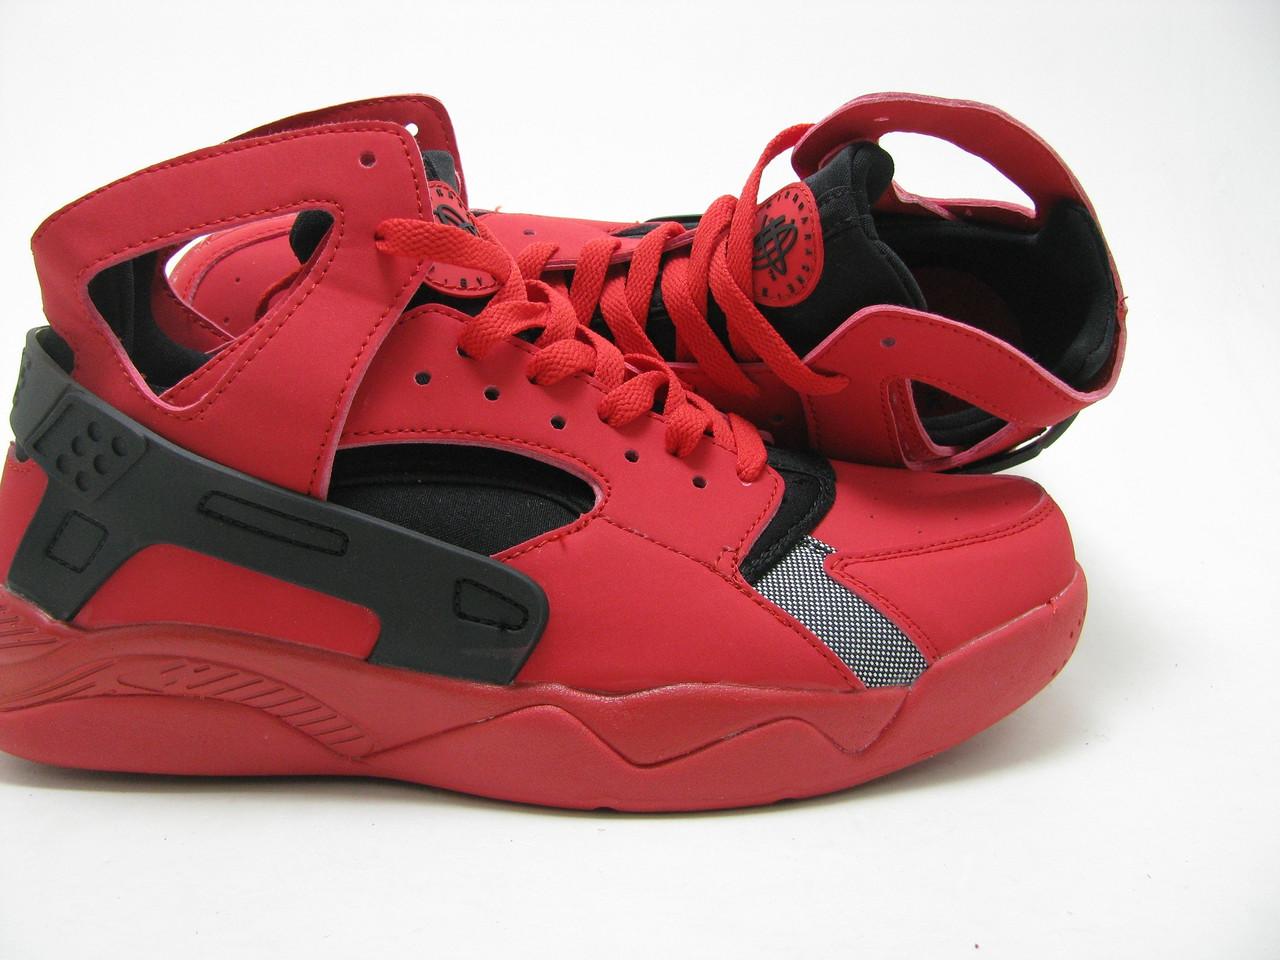 01ebd0e2656a Мужские баскетбольные кроссовки Nike Air Flight Huarache PRM QS красные -  Shoes-intime в Харькове